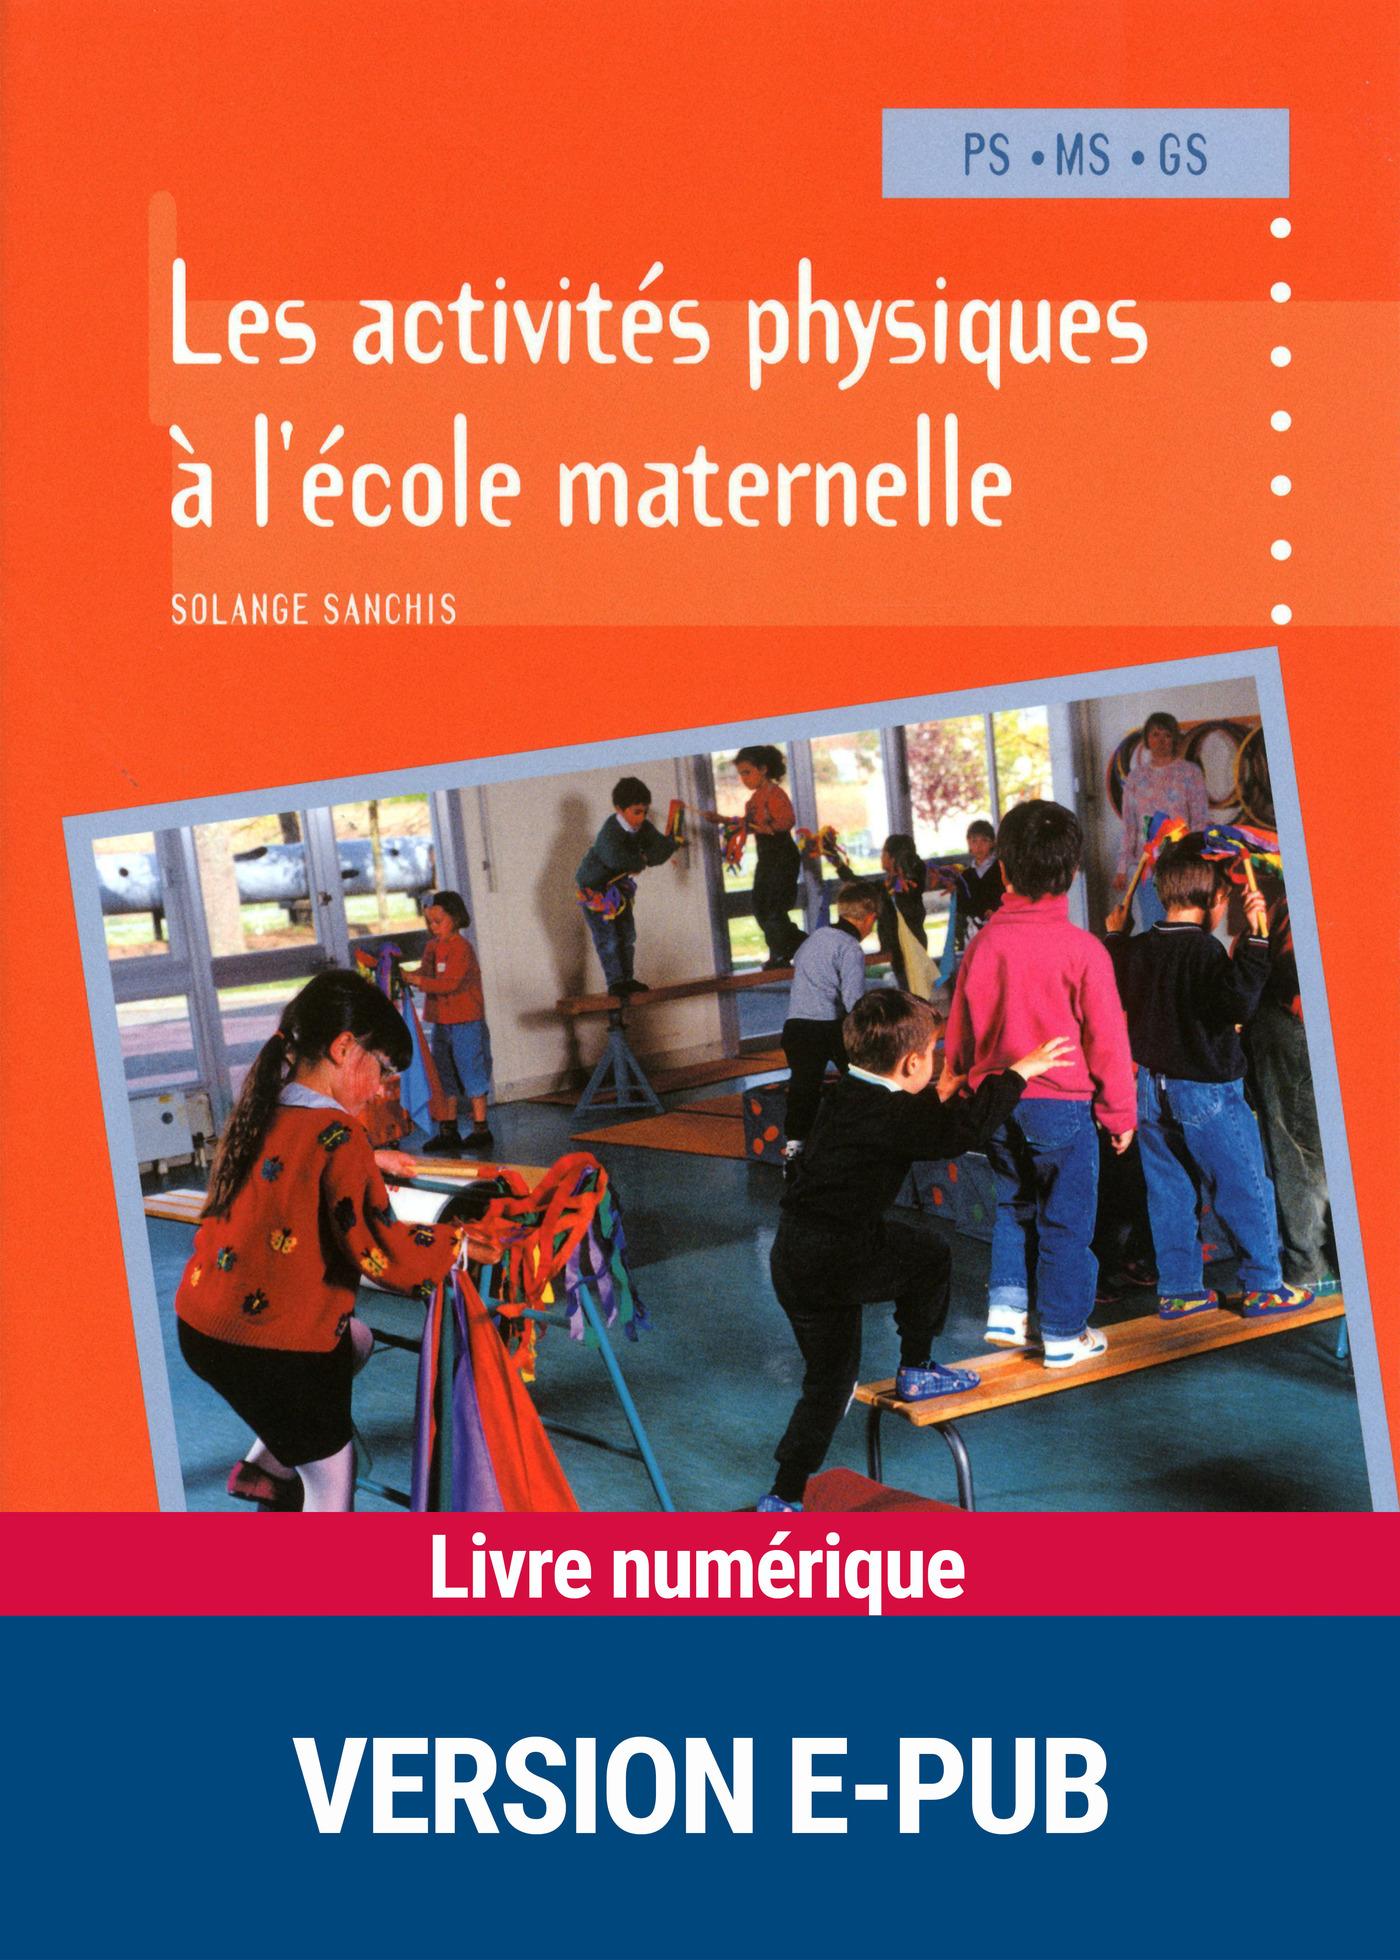 Les activités physiques à l'école maternelle (ebook)